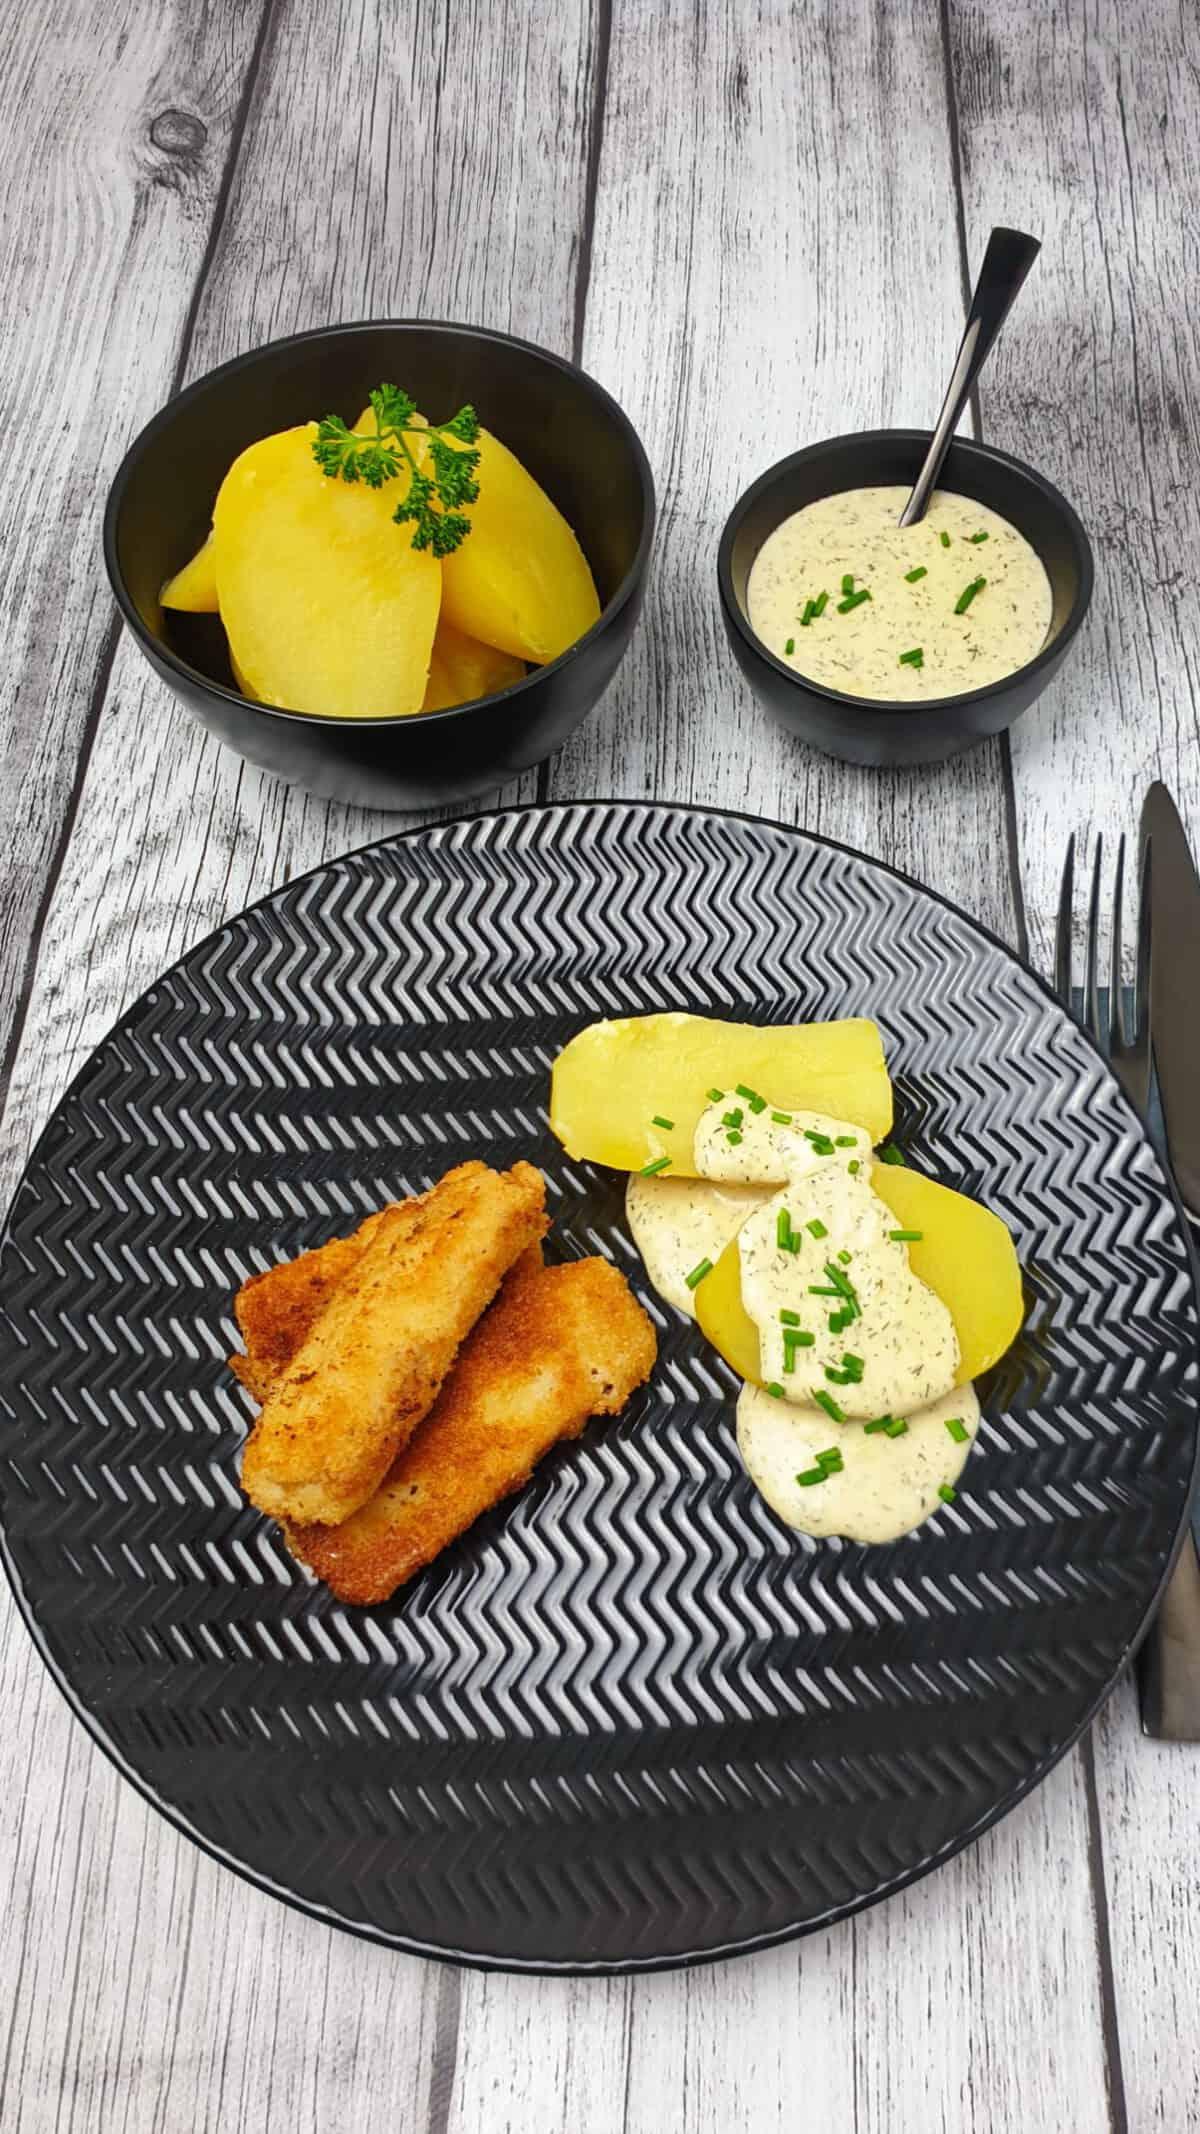 Auf einem braunen Teller 3 selbst gemachte Fischstäbchen mit Kartoffeln und Dill-Senf-Soße. Im Hintergrund Deko.